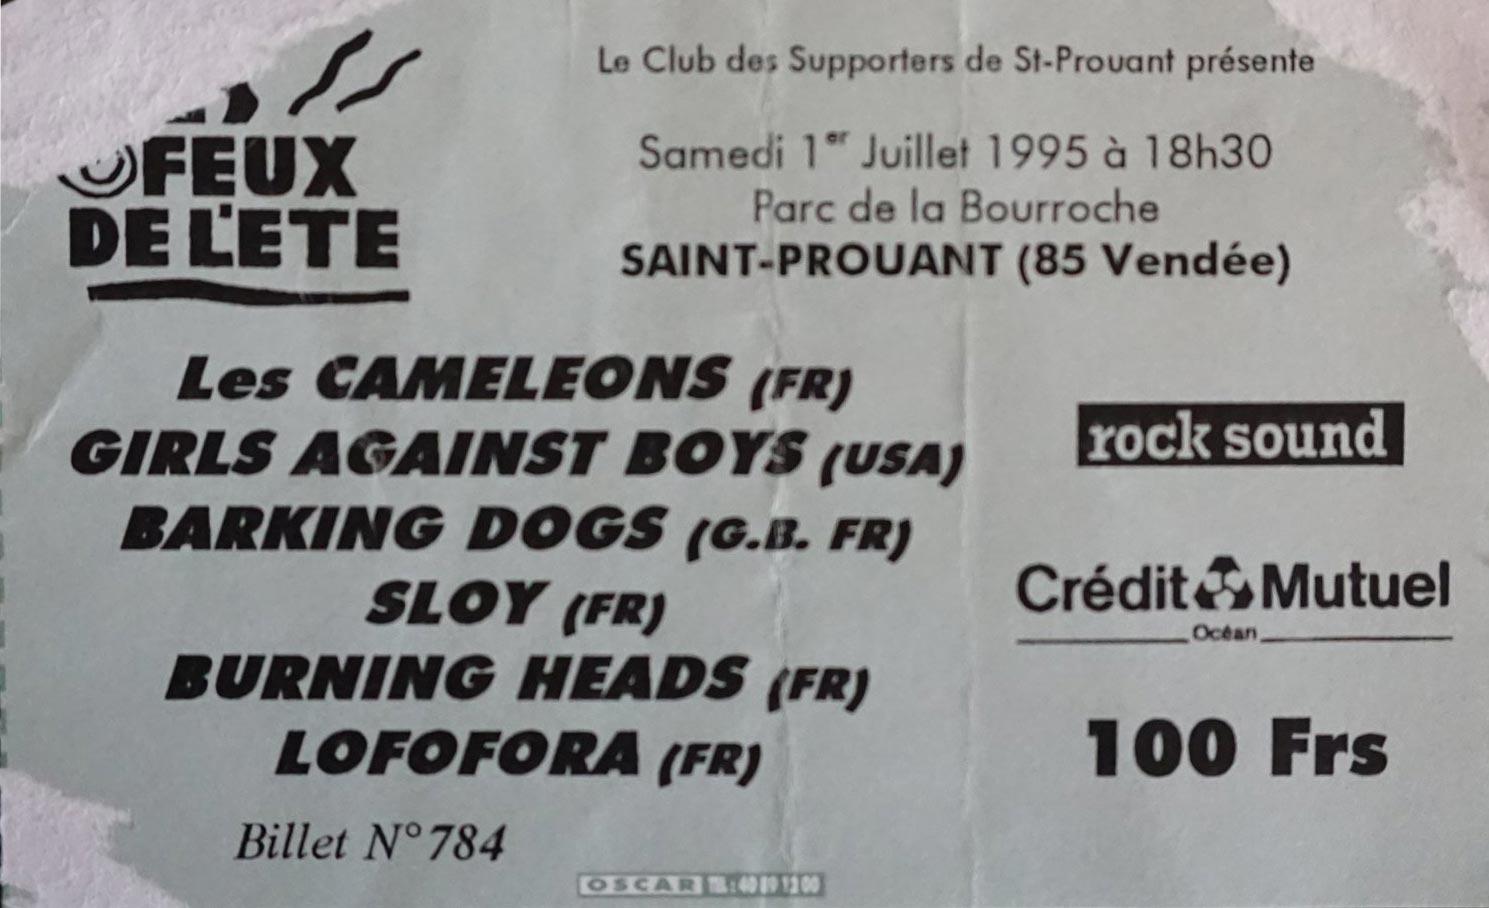 """1er juillet 1995 Les Cameleons, Girls Against Boys, Barking Dogs, Sloy, Burning Heads, Lofofora à Saint Prouant """"Parc de la Bourroche"""""""